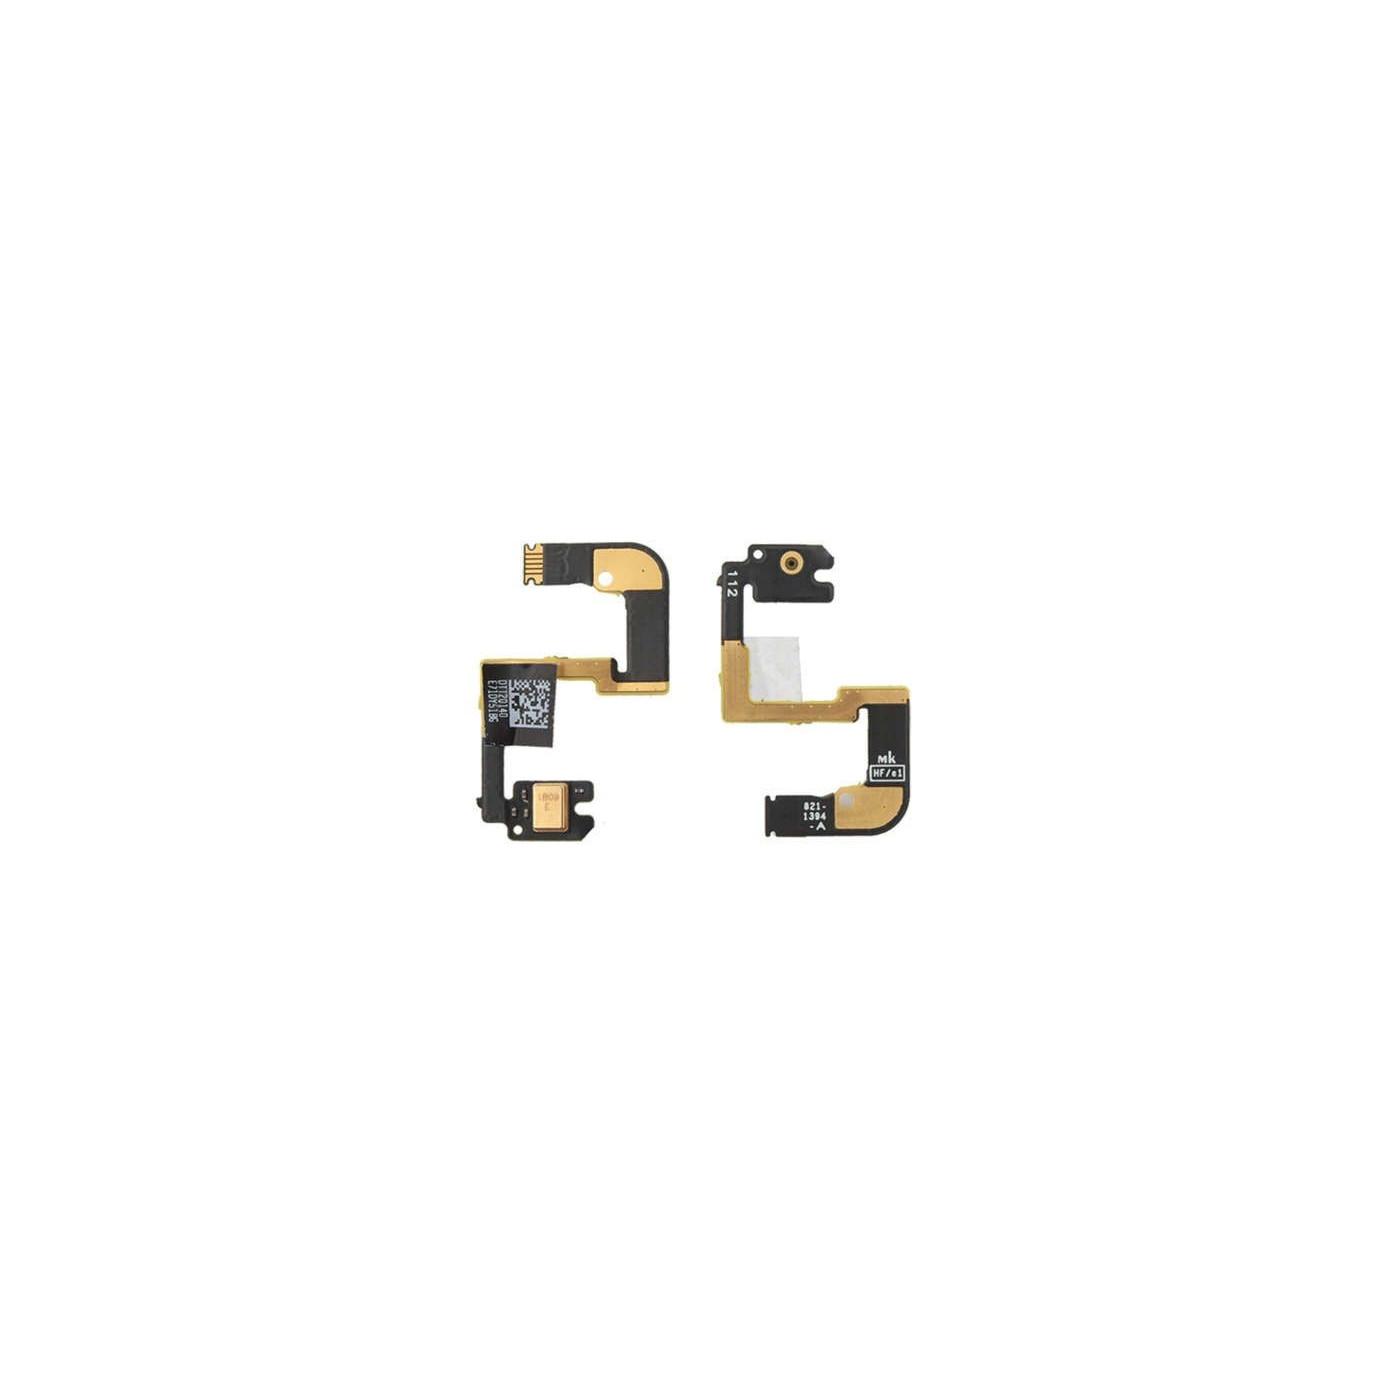 Micrófono para apple ipad 3 wifi versión celular plana flex cable reemplazo